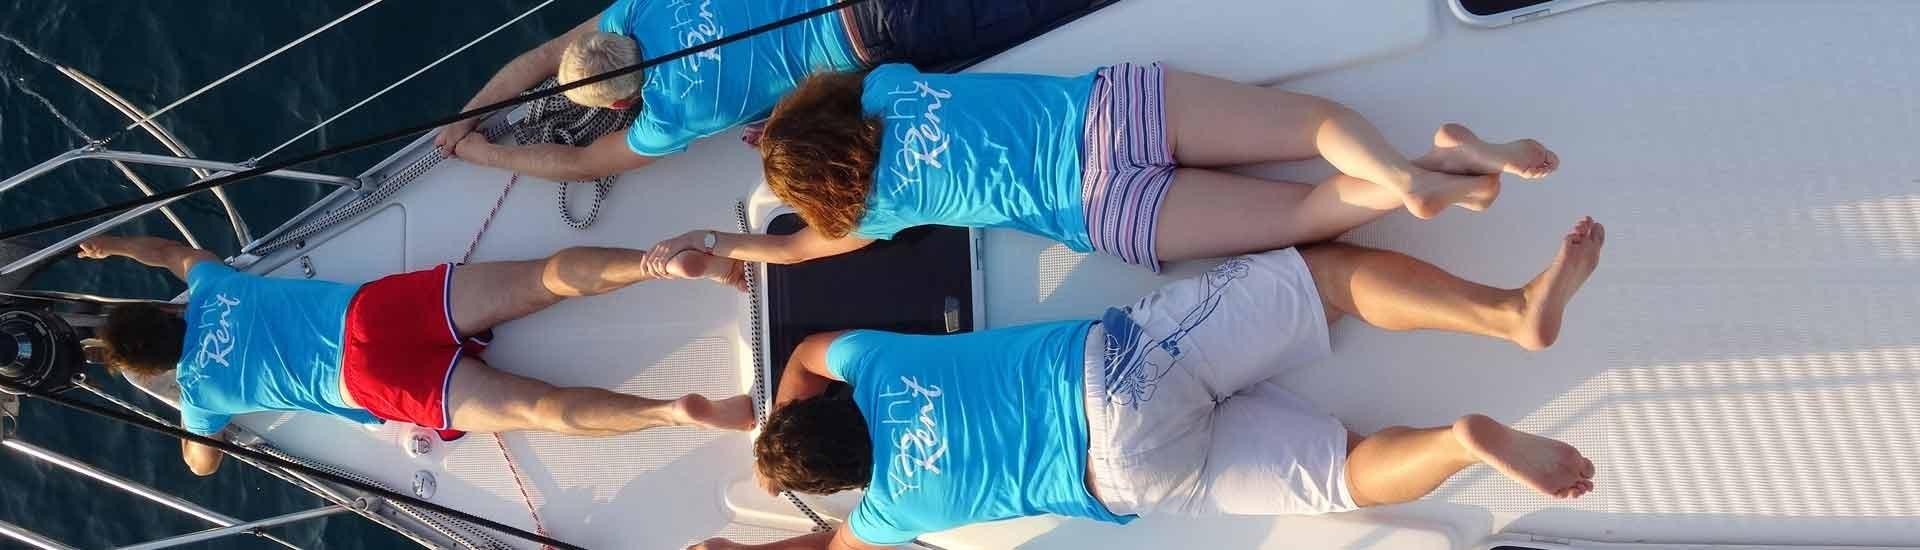 Yacht-Rent på ryggen